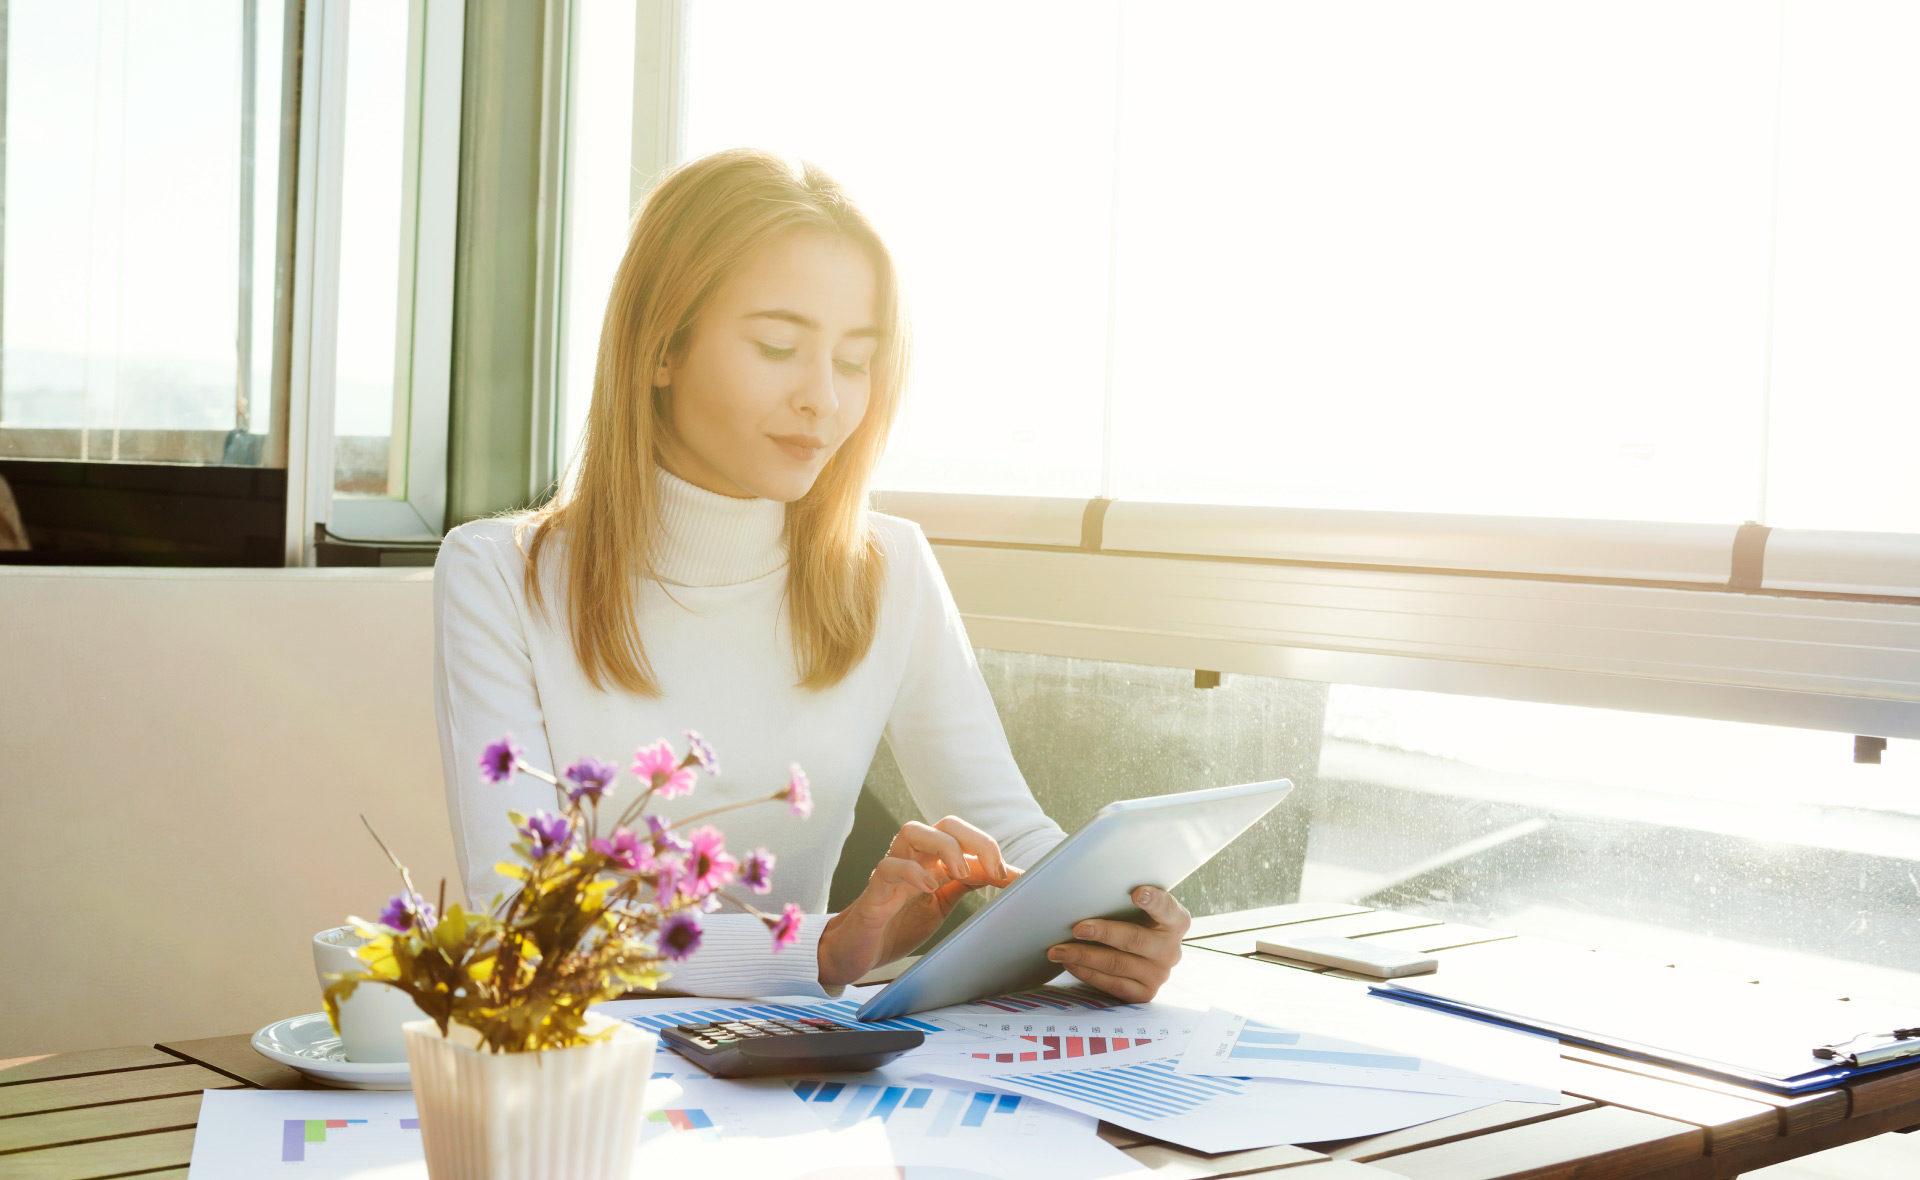 renta-mujer-tablet-finanzas-revisión